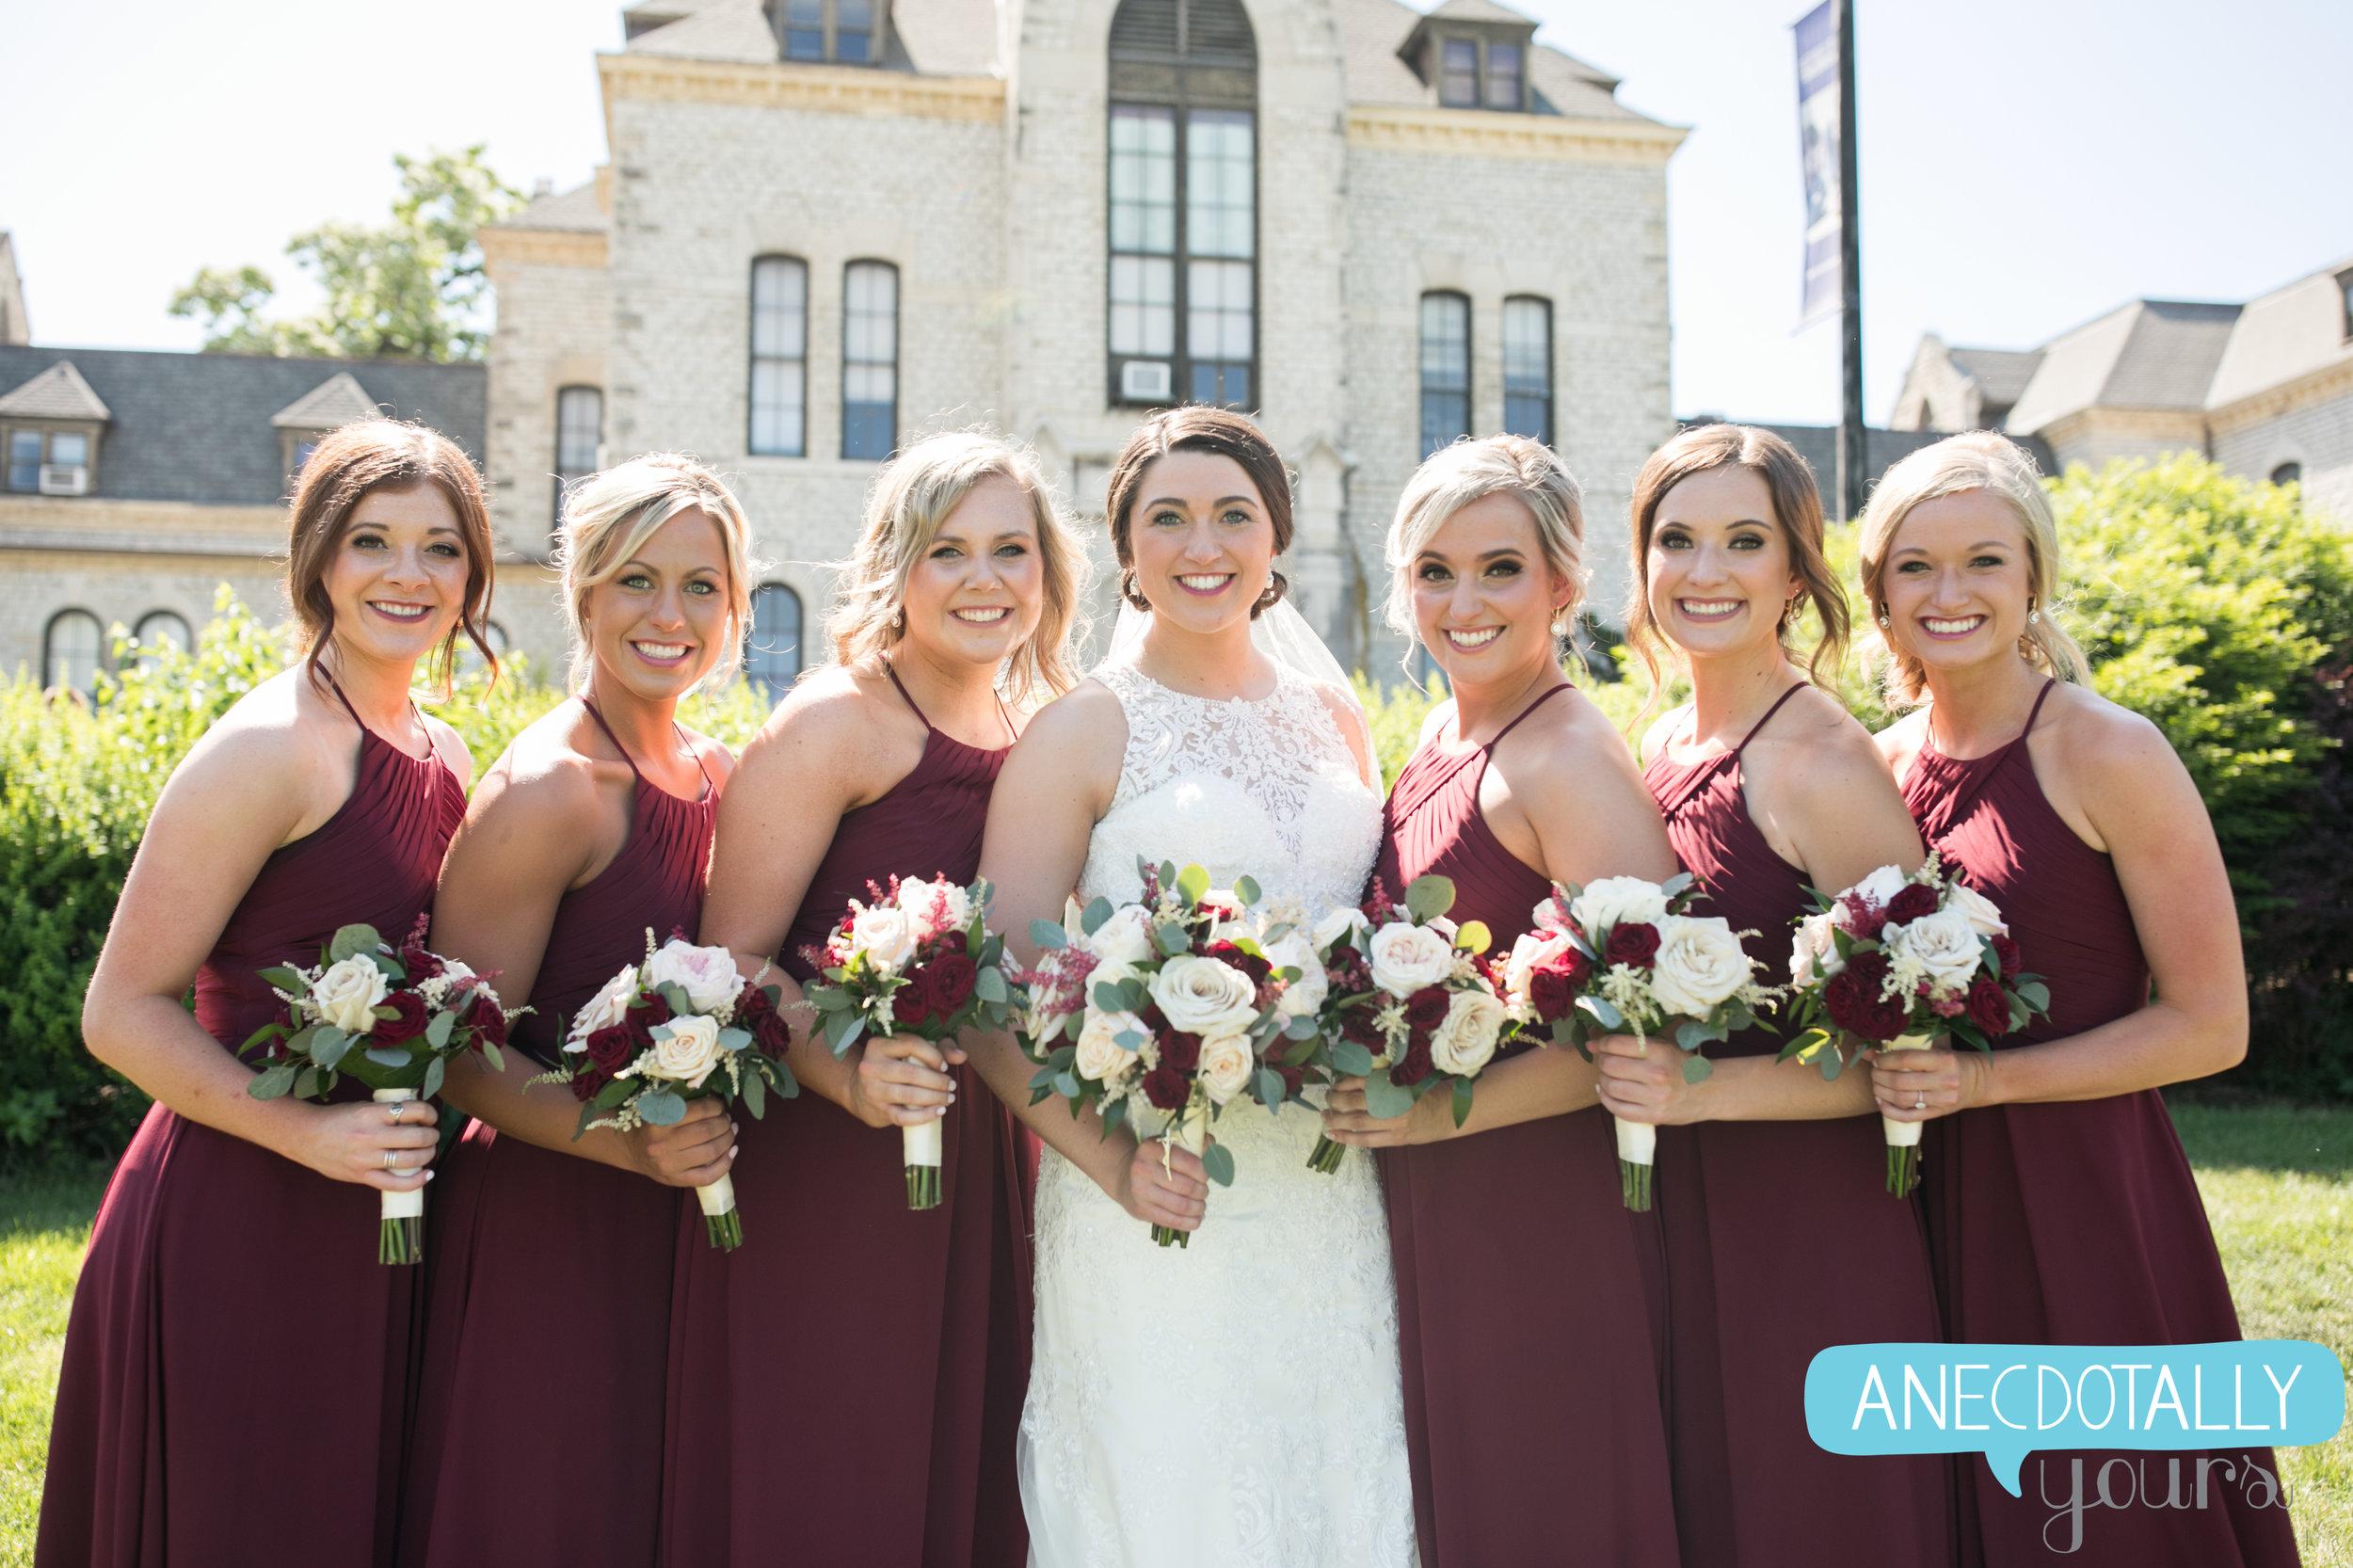 ashley-bryce-wedding-53.jpg